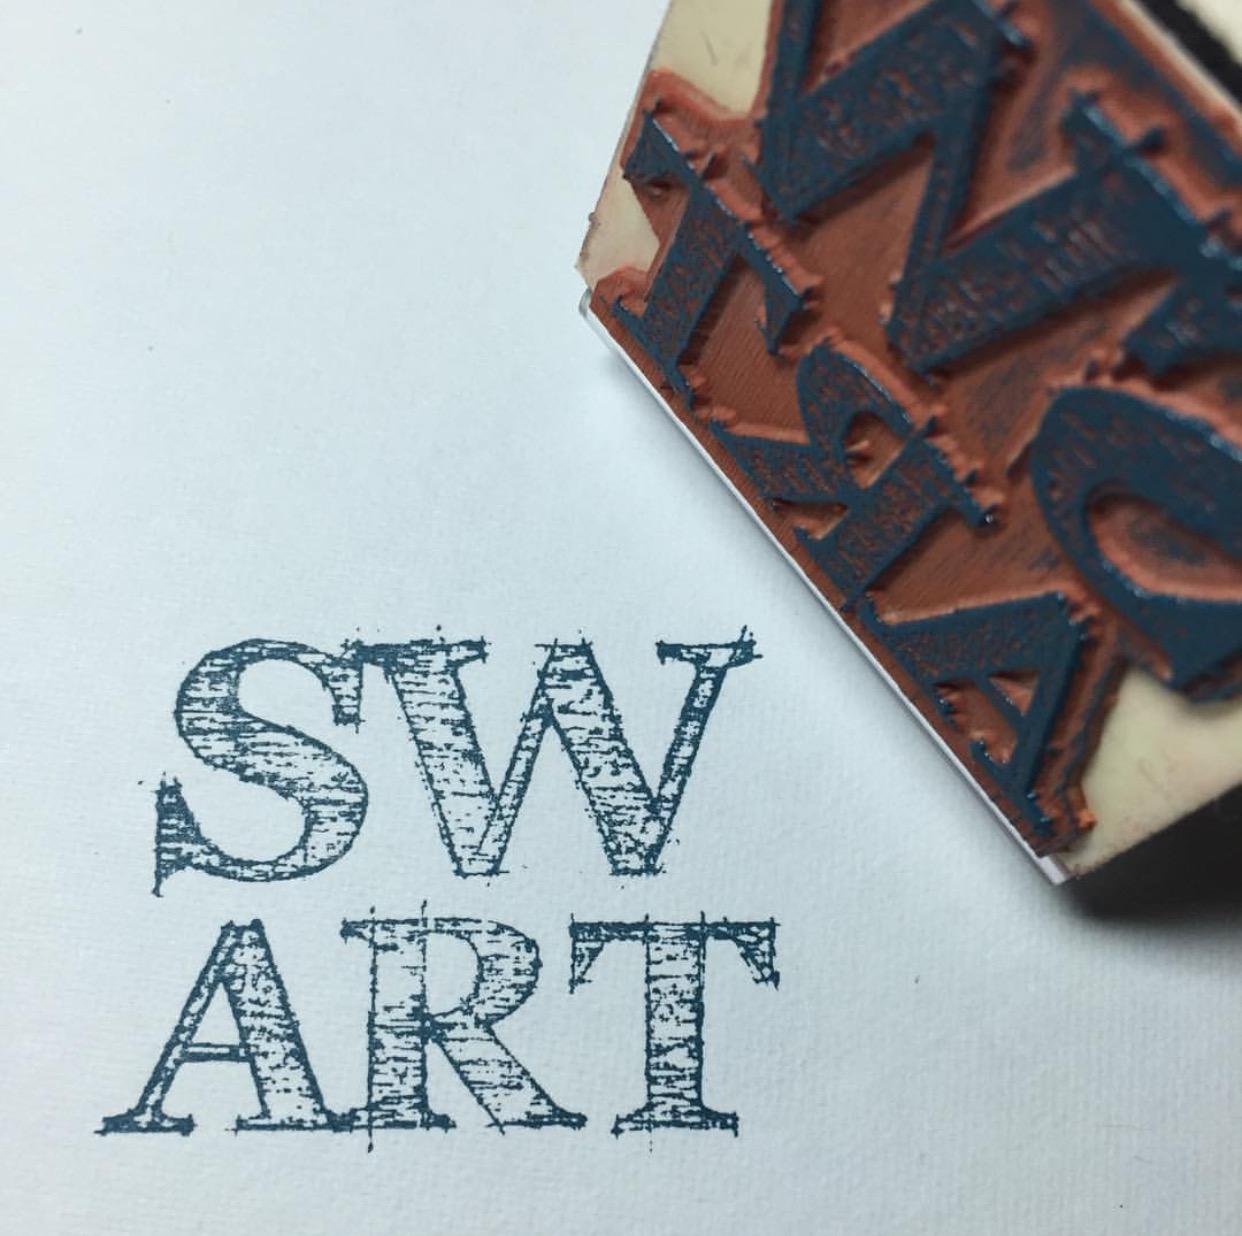 swart stamp.jpg